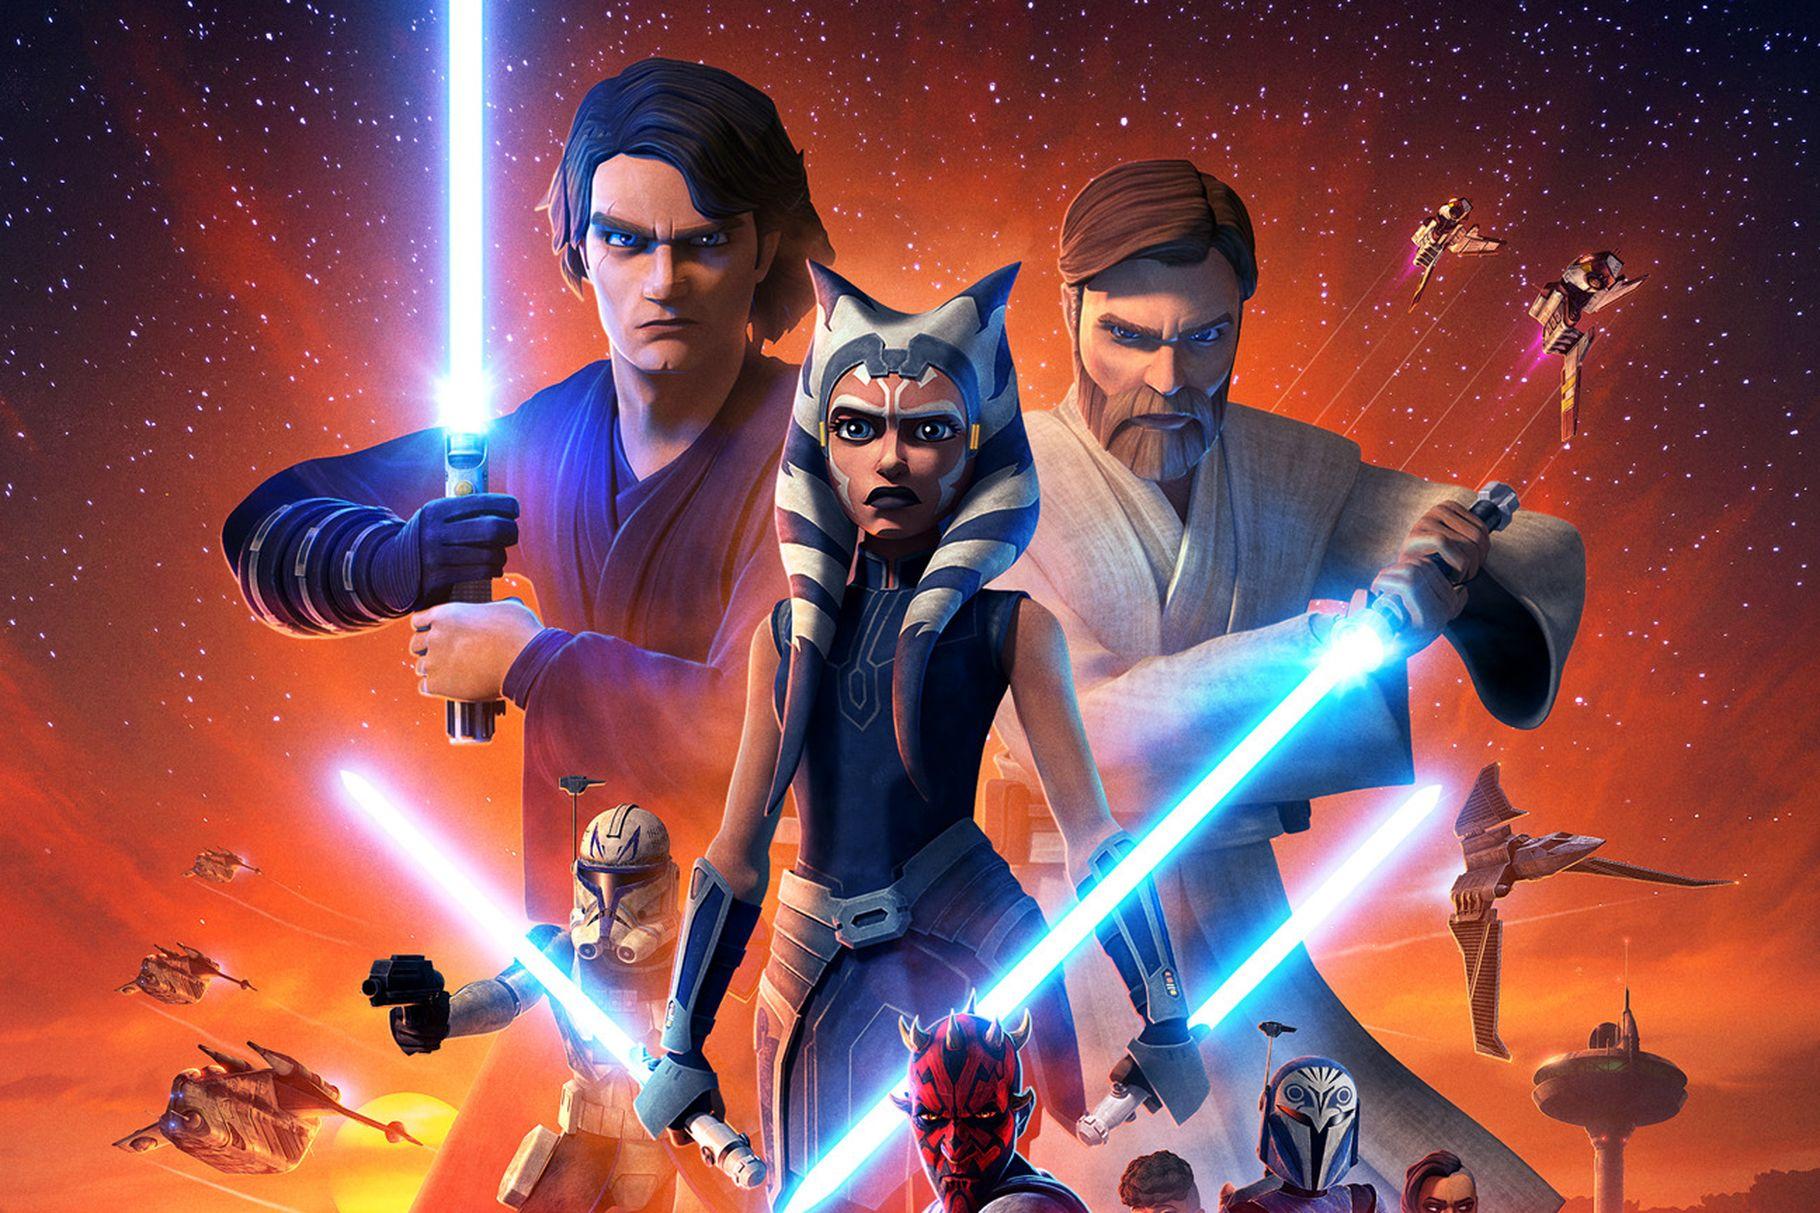 Disney+ Has Released a Sneak Peek From the Final Season of 'Star Wars: The Clone Wars'! - AllEars.Net